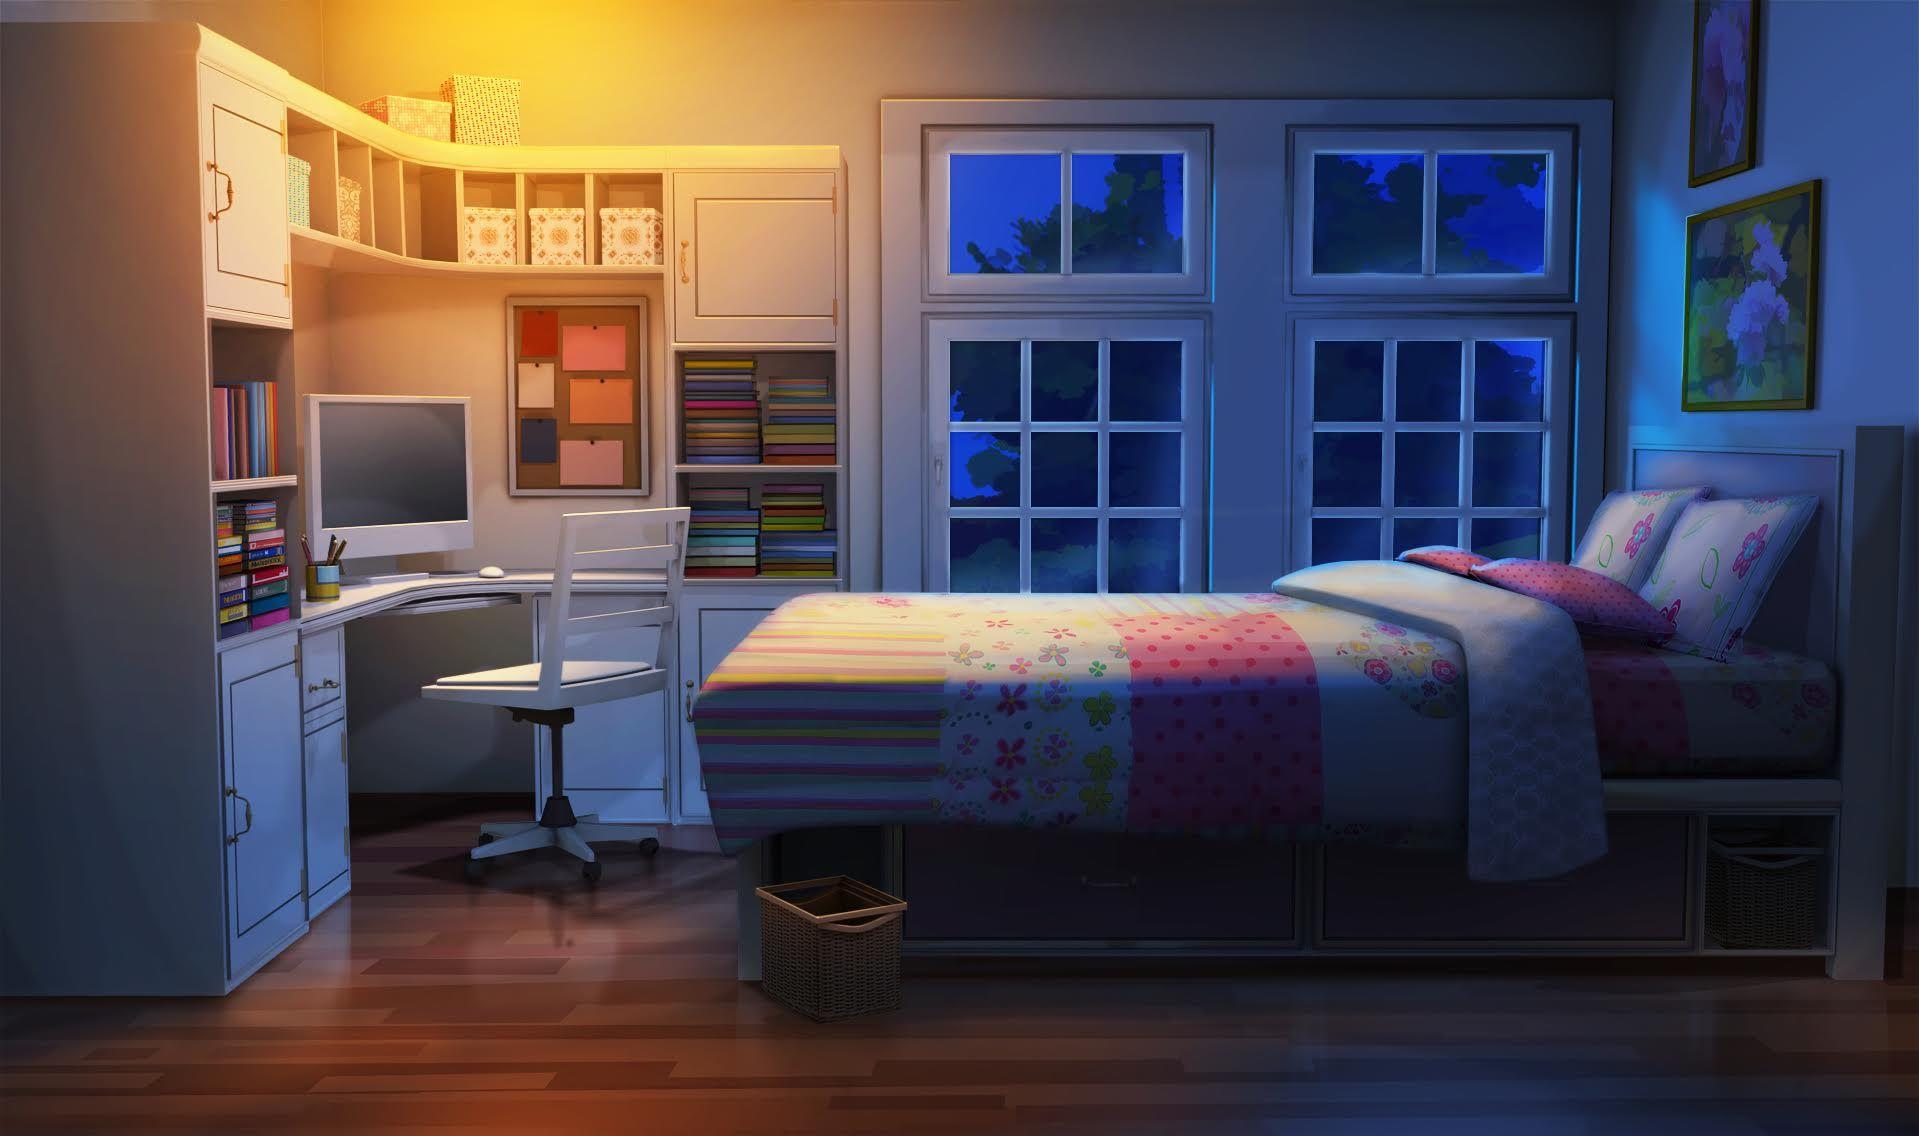 INT. TEEN SISTER'S BEDROOM NIGHT EPISODE Pinterest